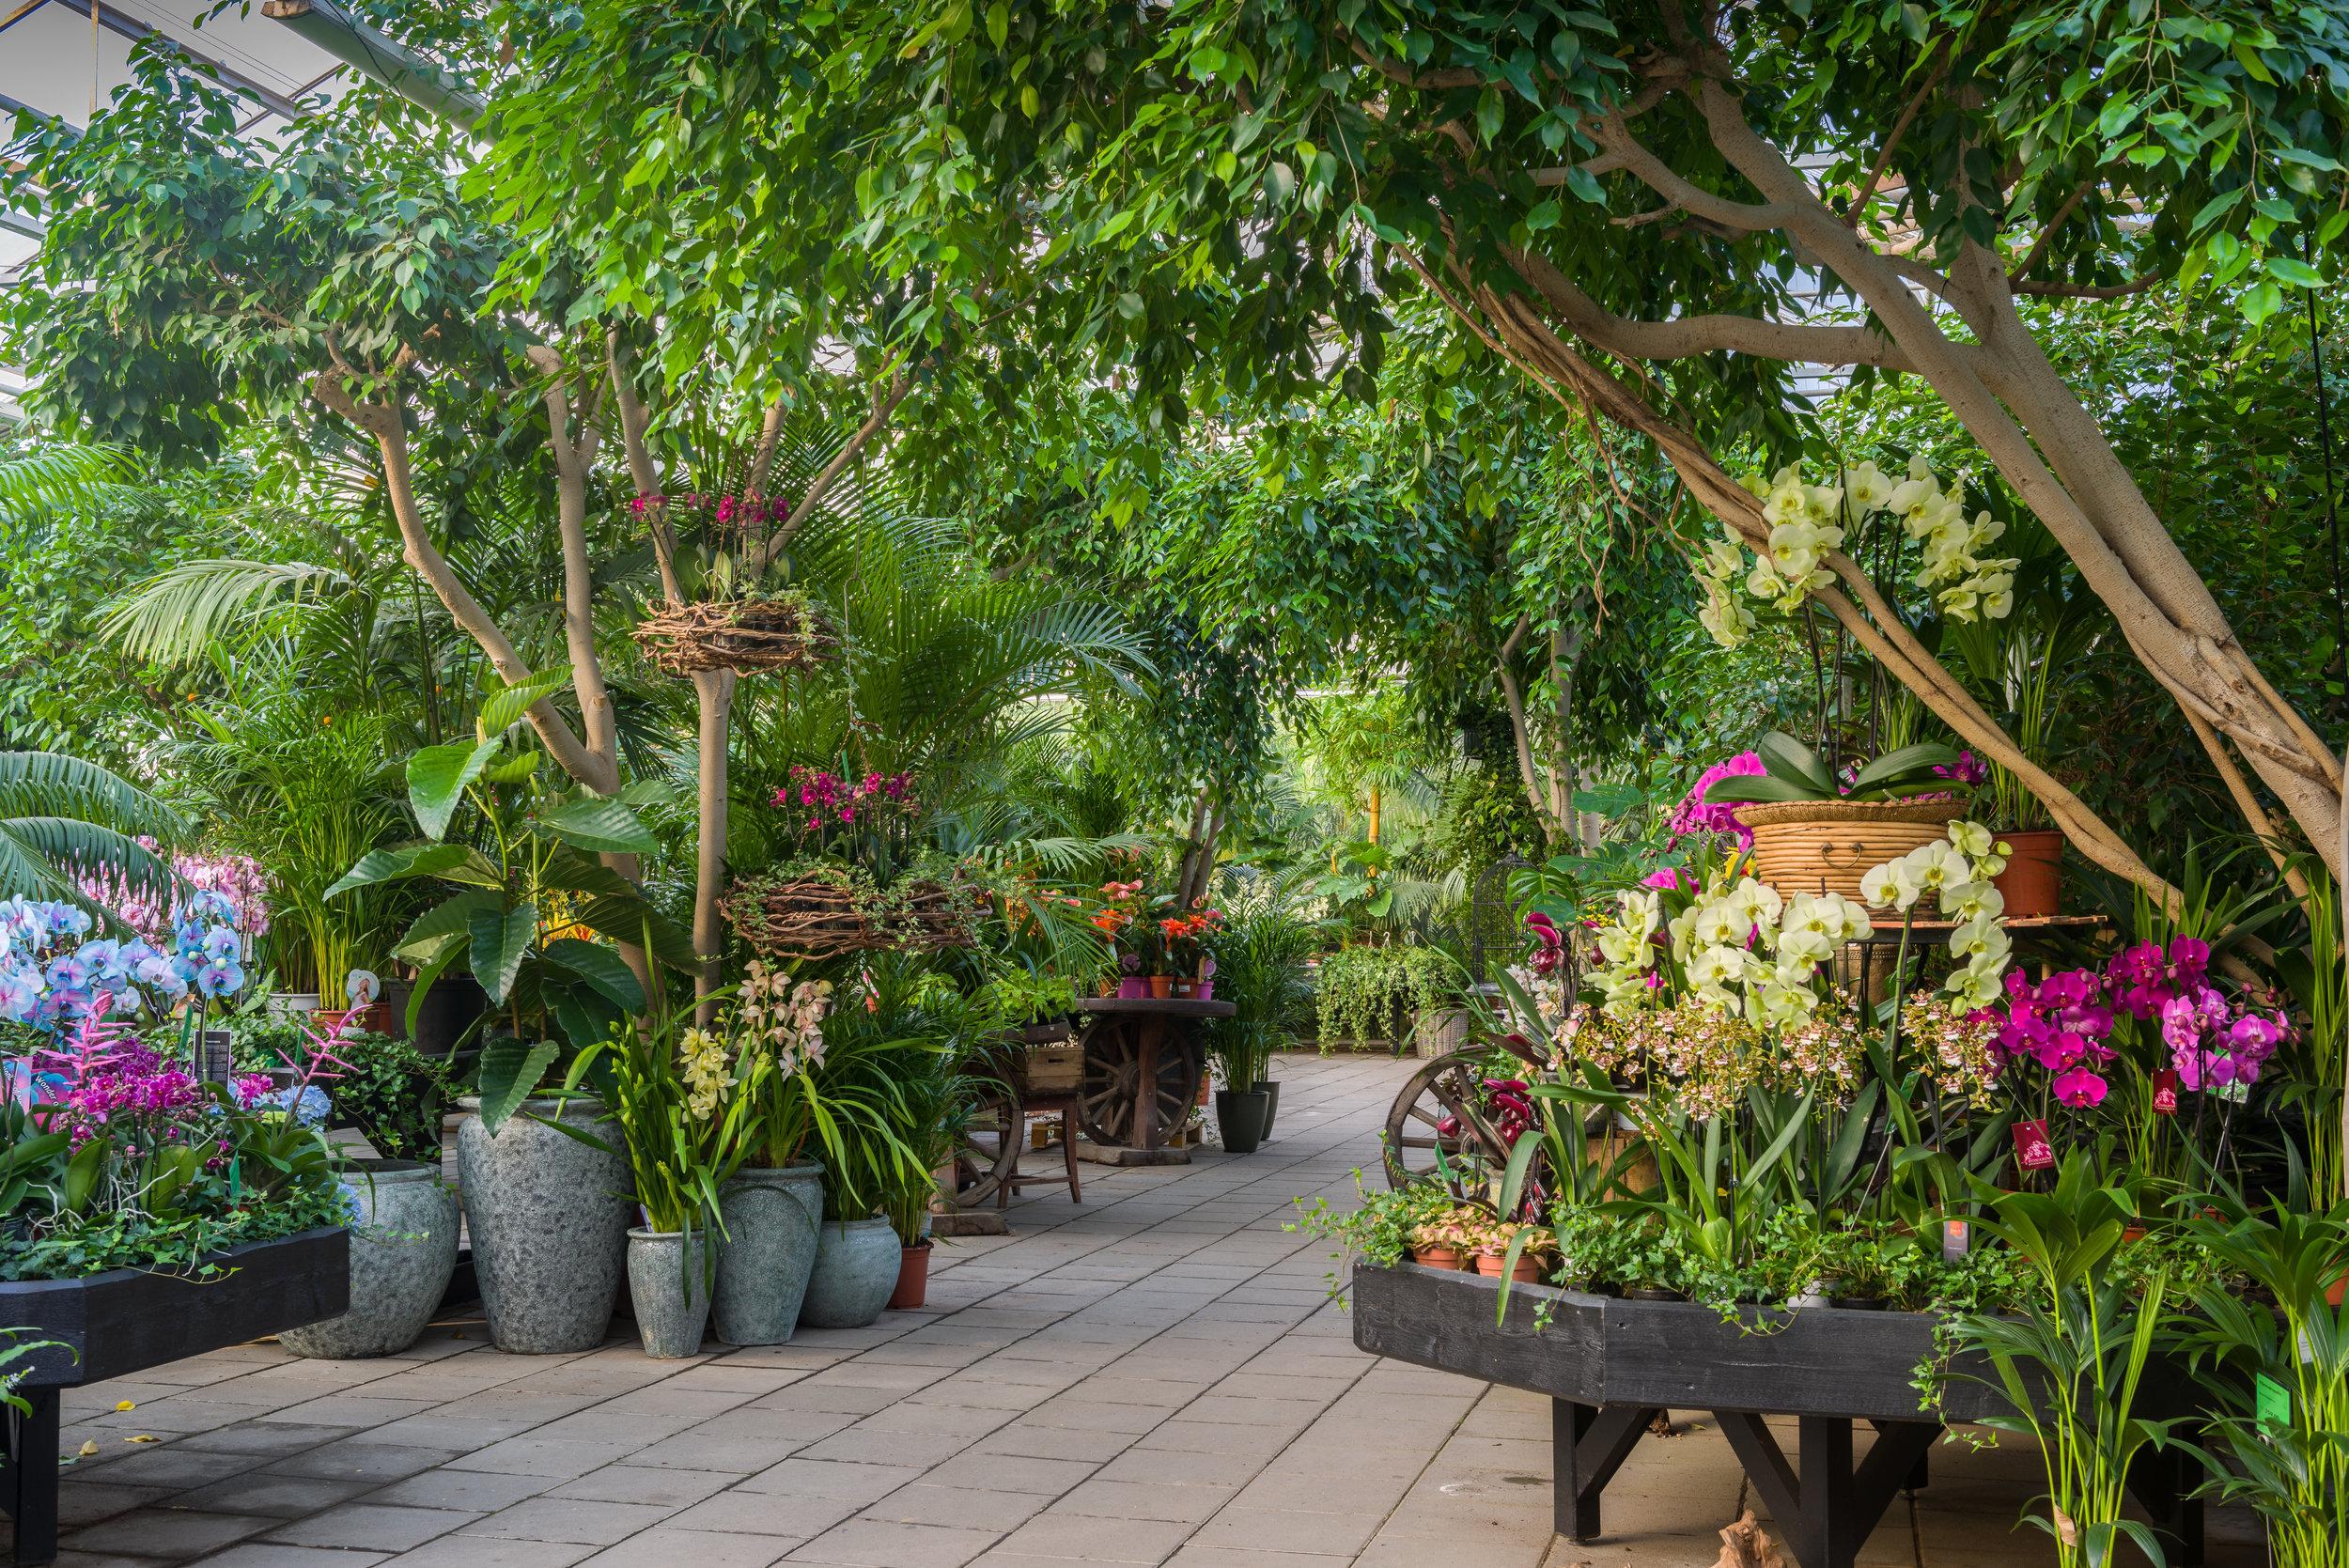 Åsbyhemochträdgård-miljöbild orkidéer.jpg